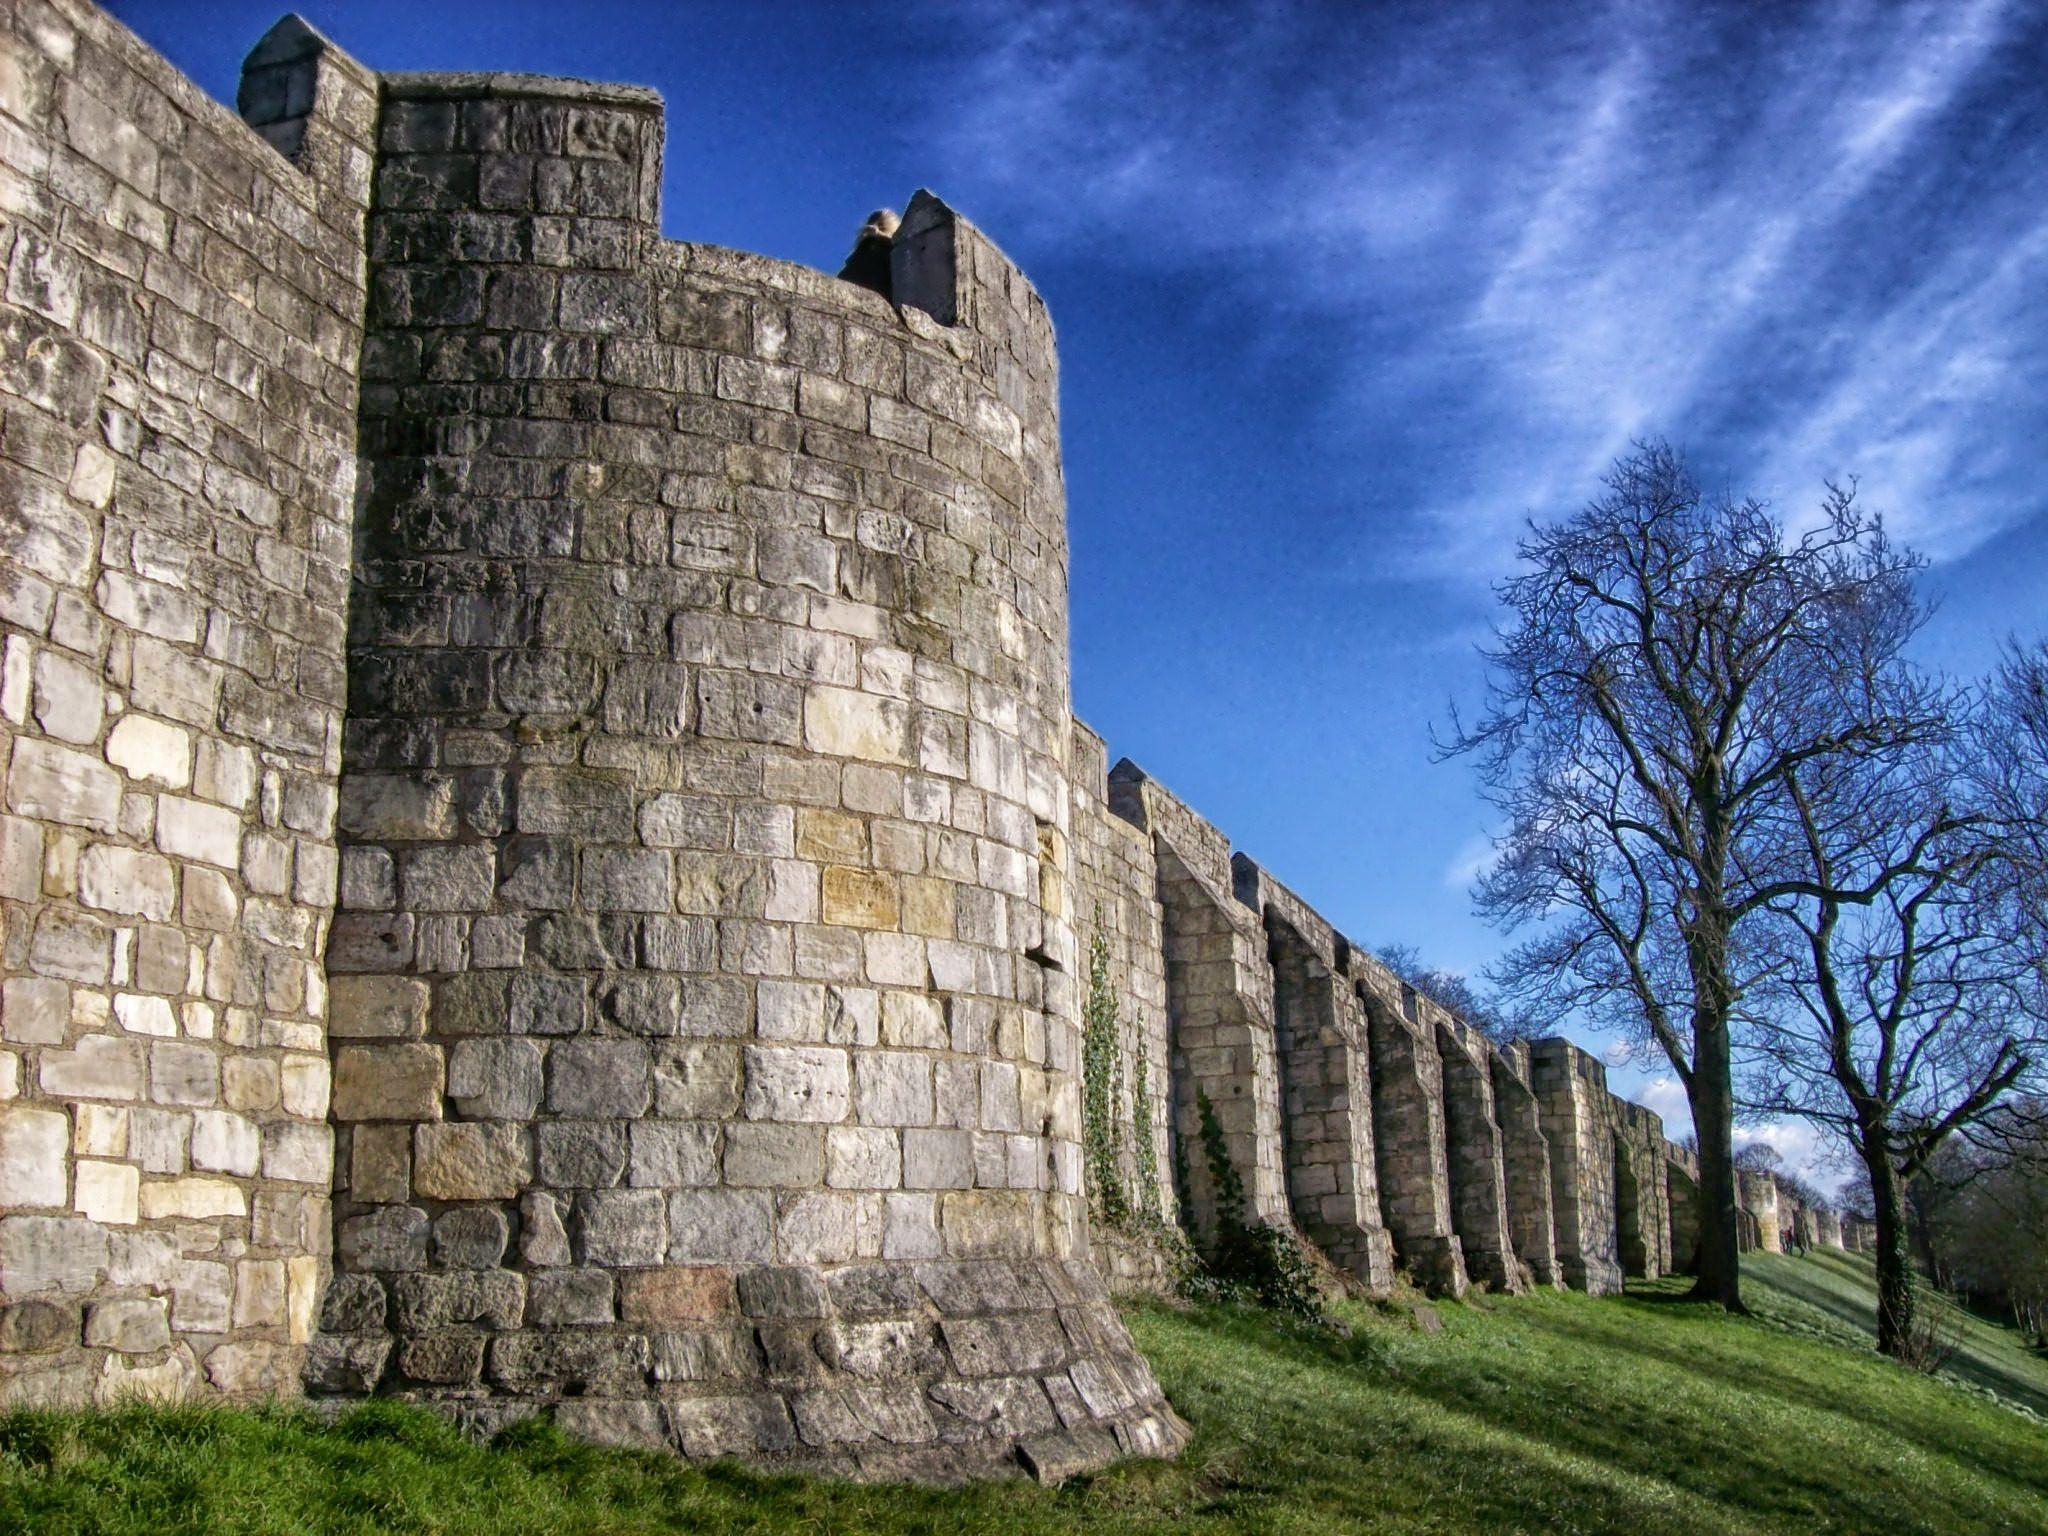 墙上, 城市, 堡垒, york, 英格兰 - 高清壁纸 - 教授-falken.com